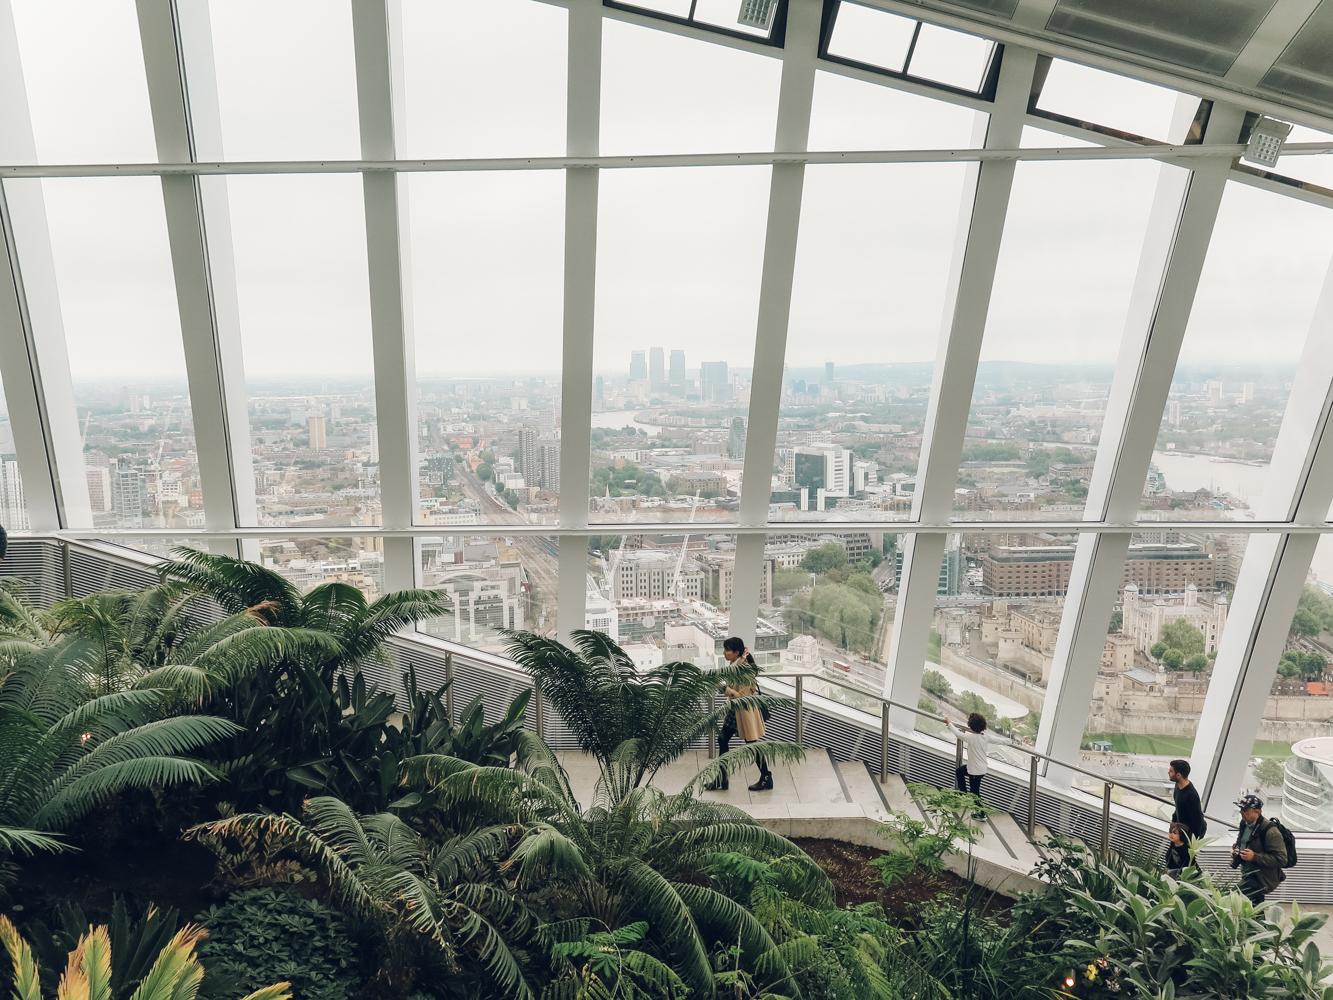 Haarkon plants sky garden skygarden greenery fern fernery london